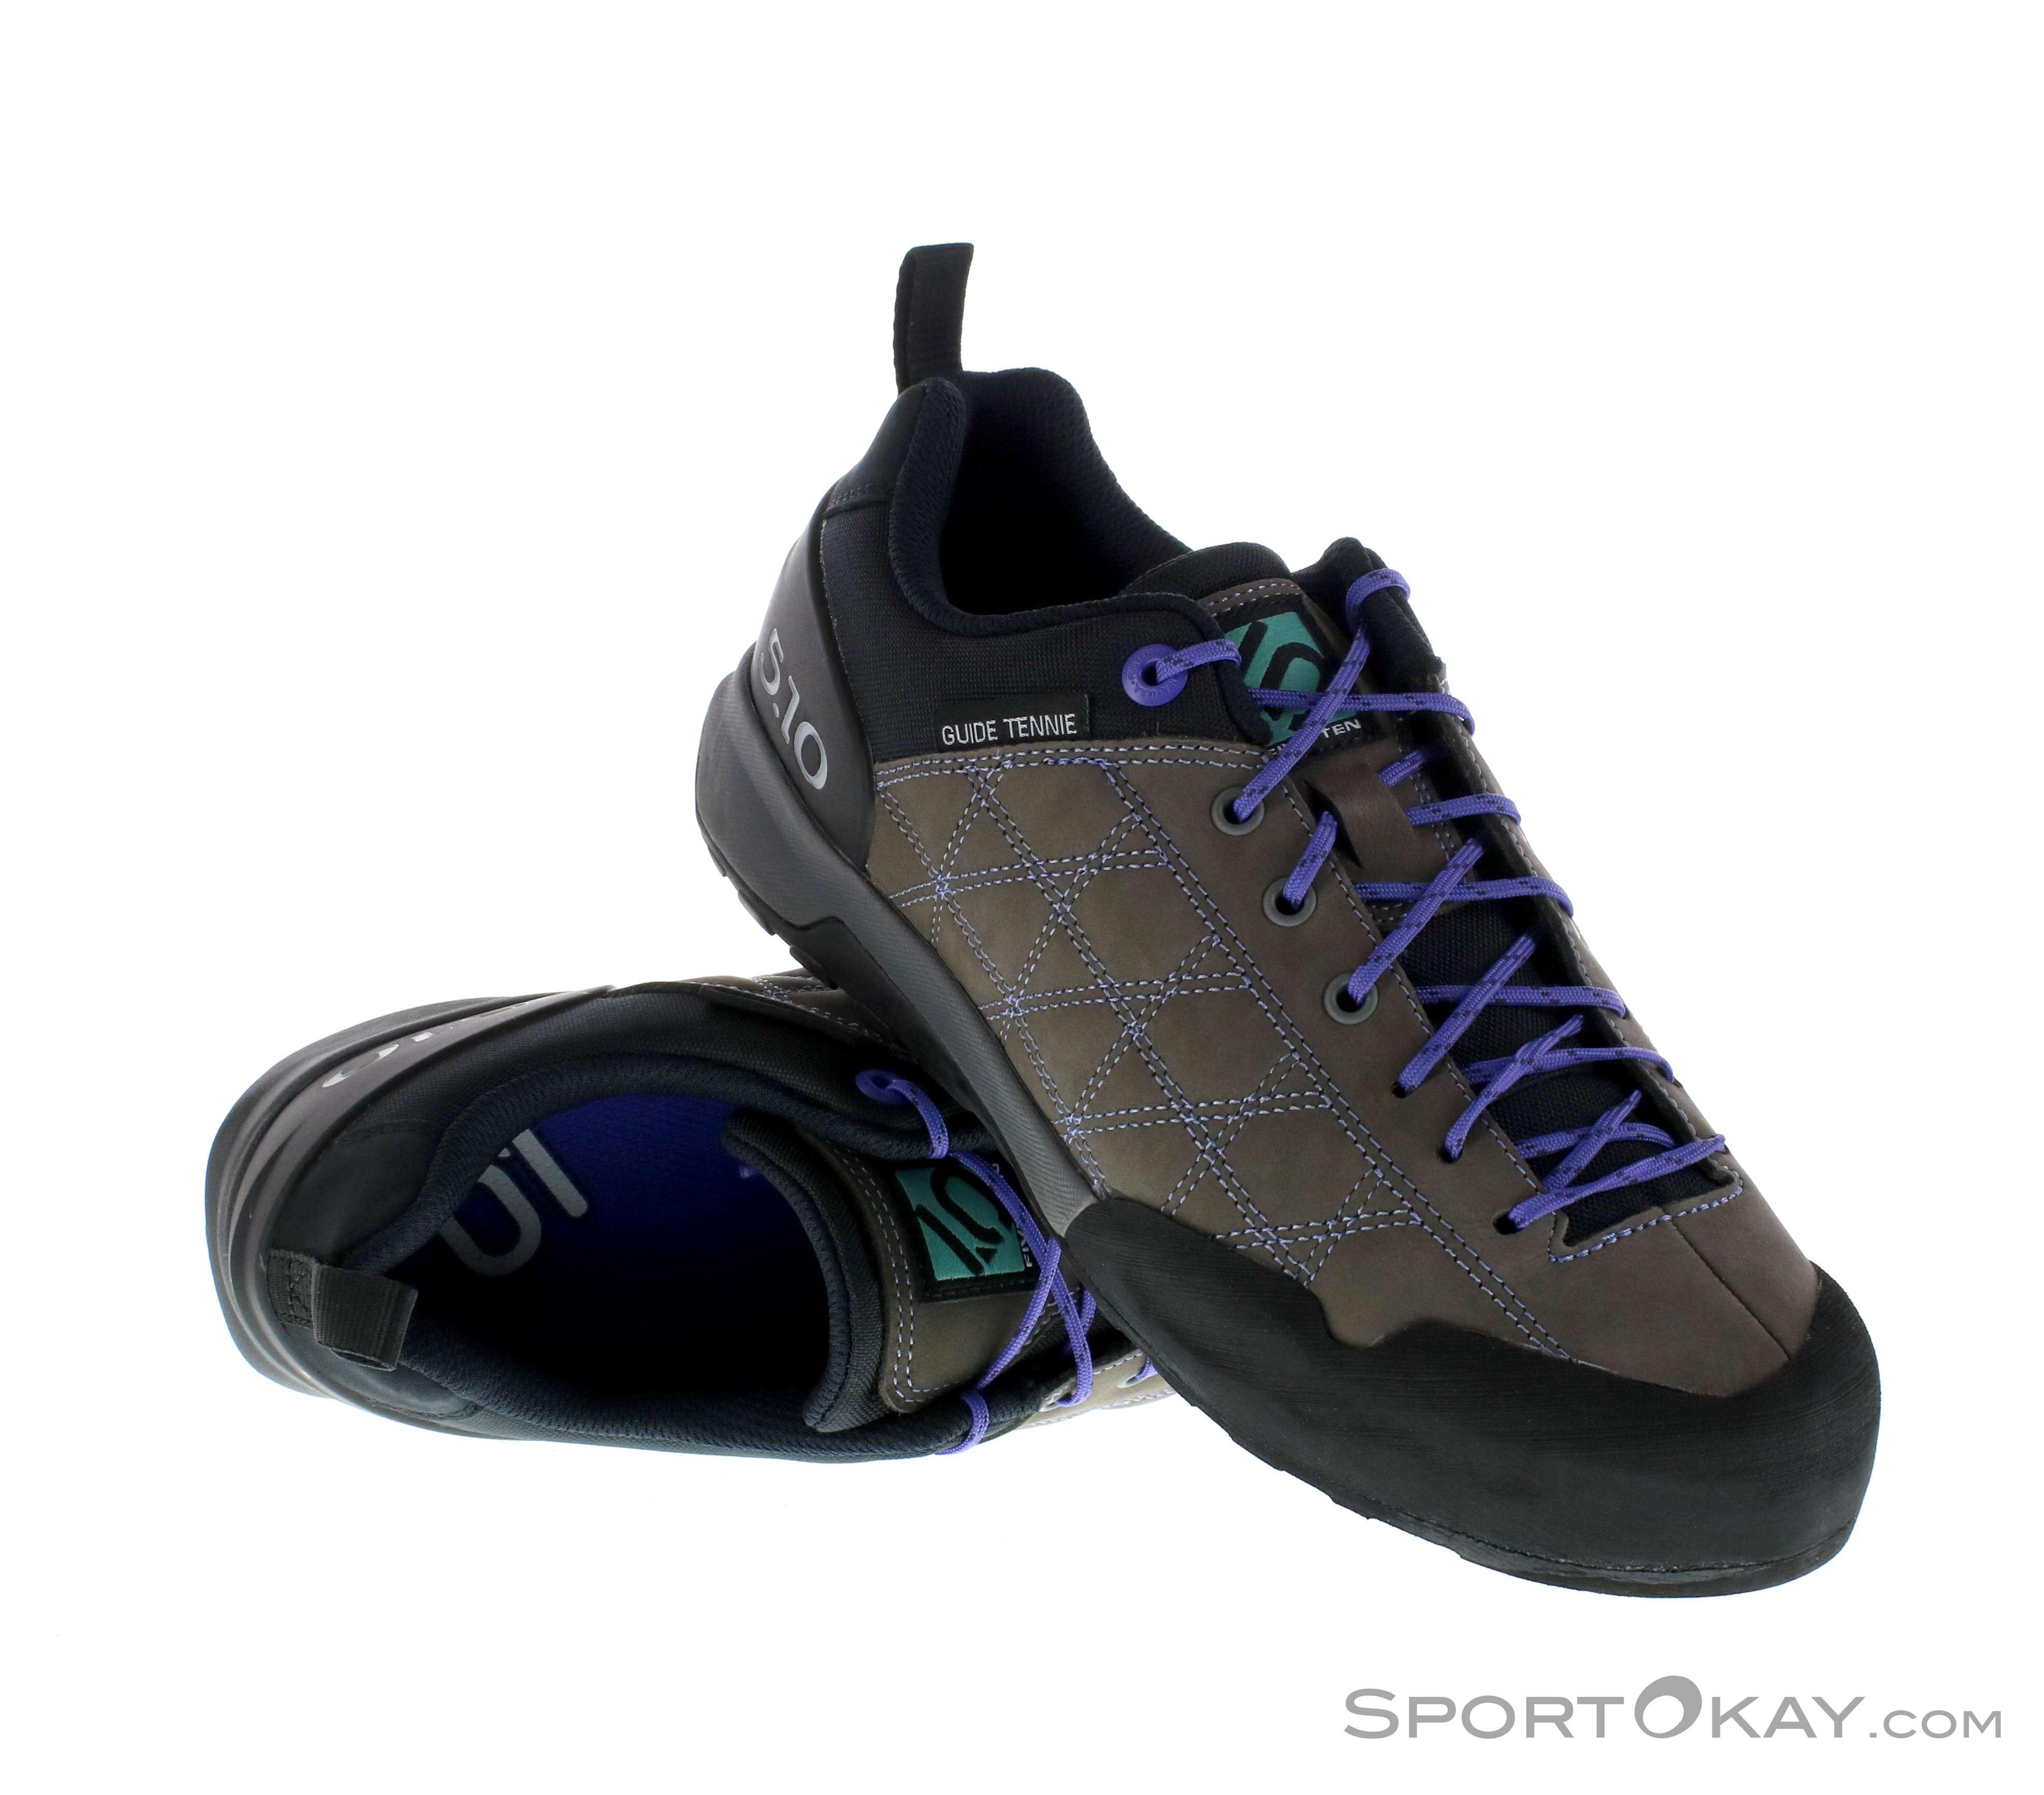 3b9919e3c68 Five Ten Five Ten Guide Tennie Womens Approach Shoes